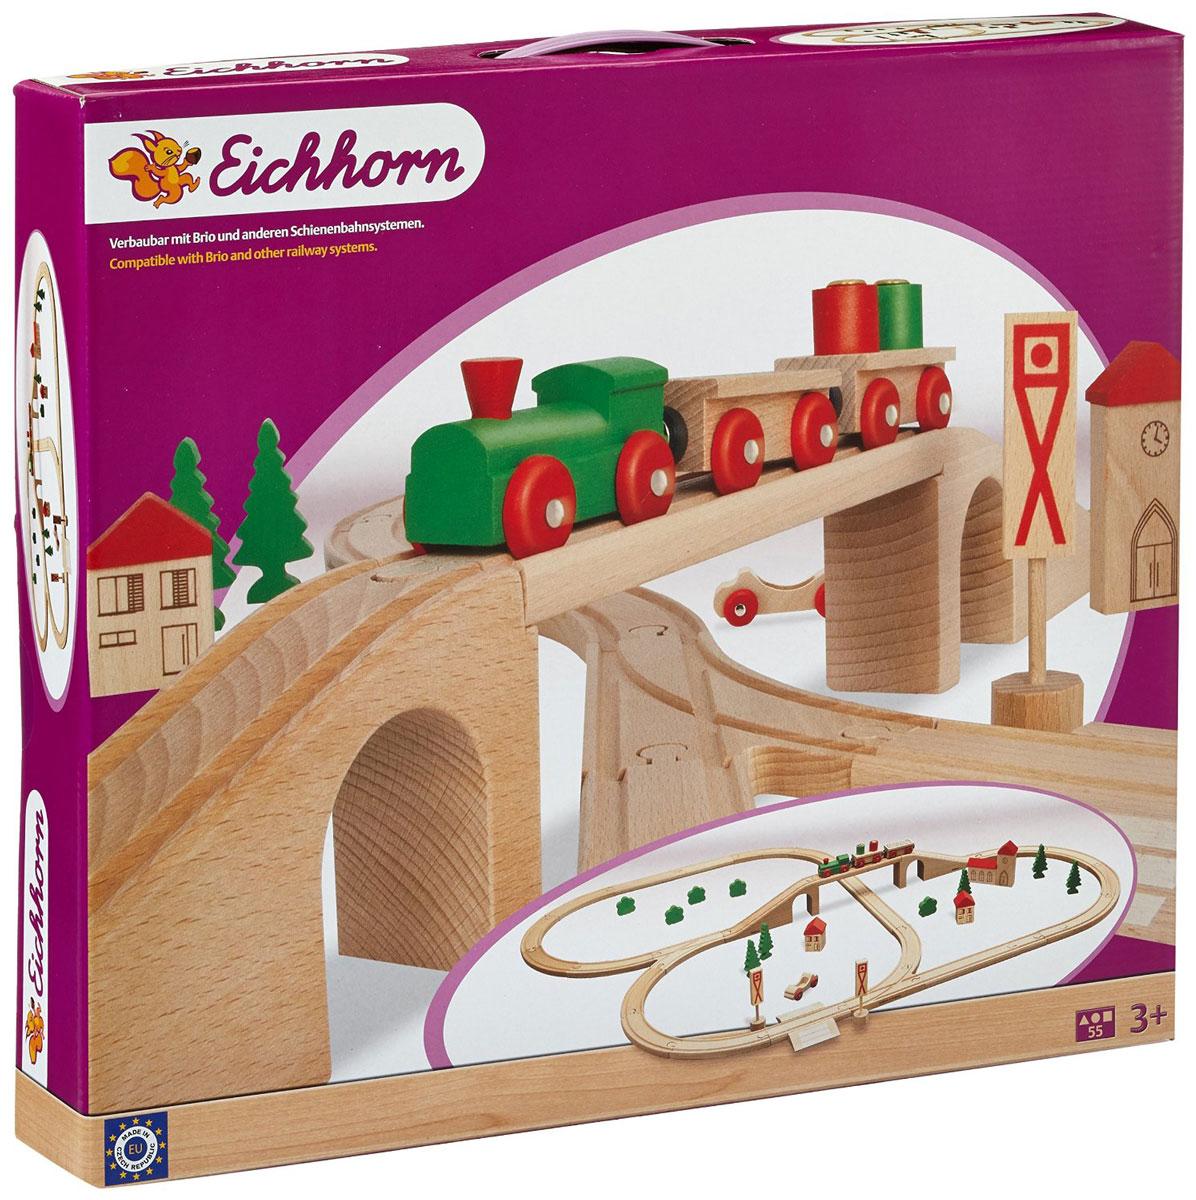 Eichhorn Железная дорога с мостом